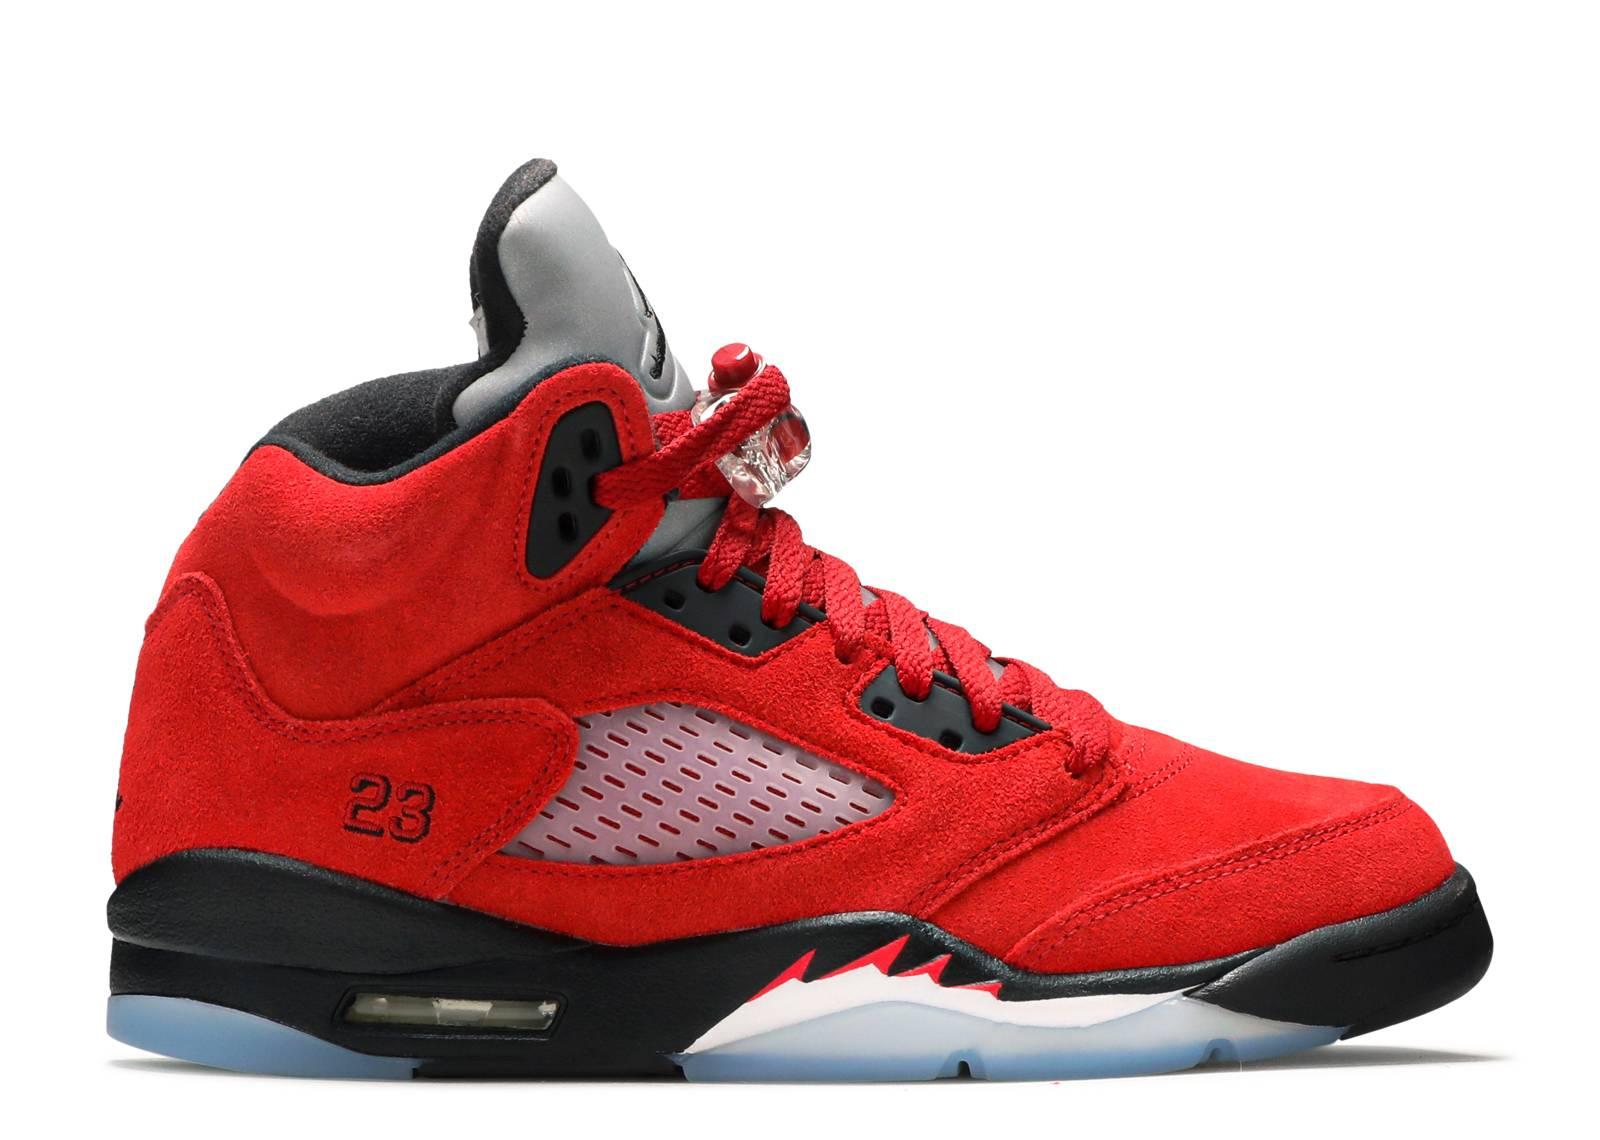 Air Jordan 5 Sneakers | Flight Club